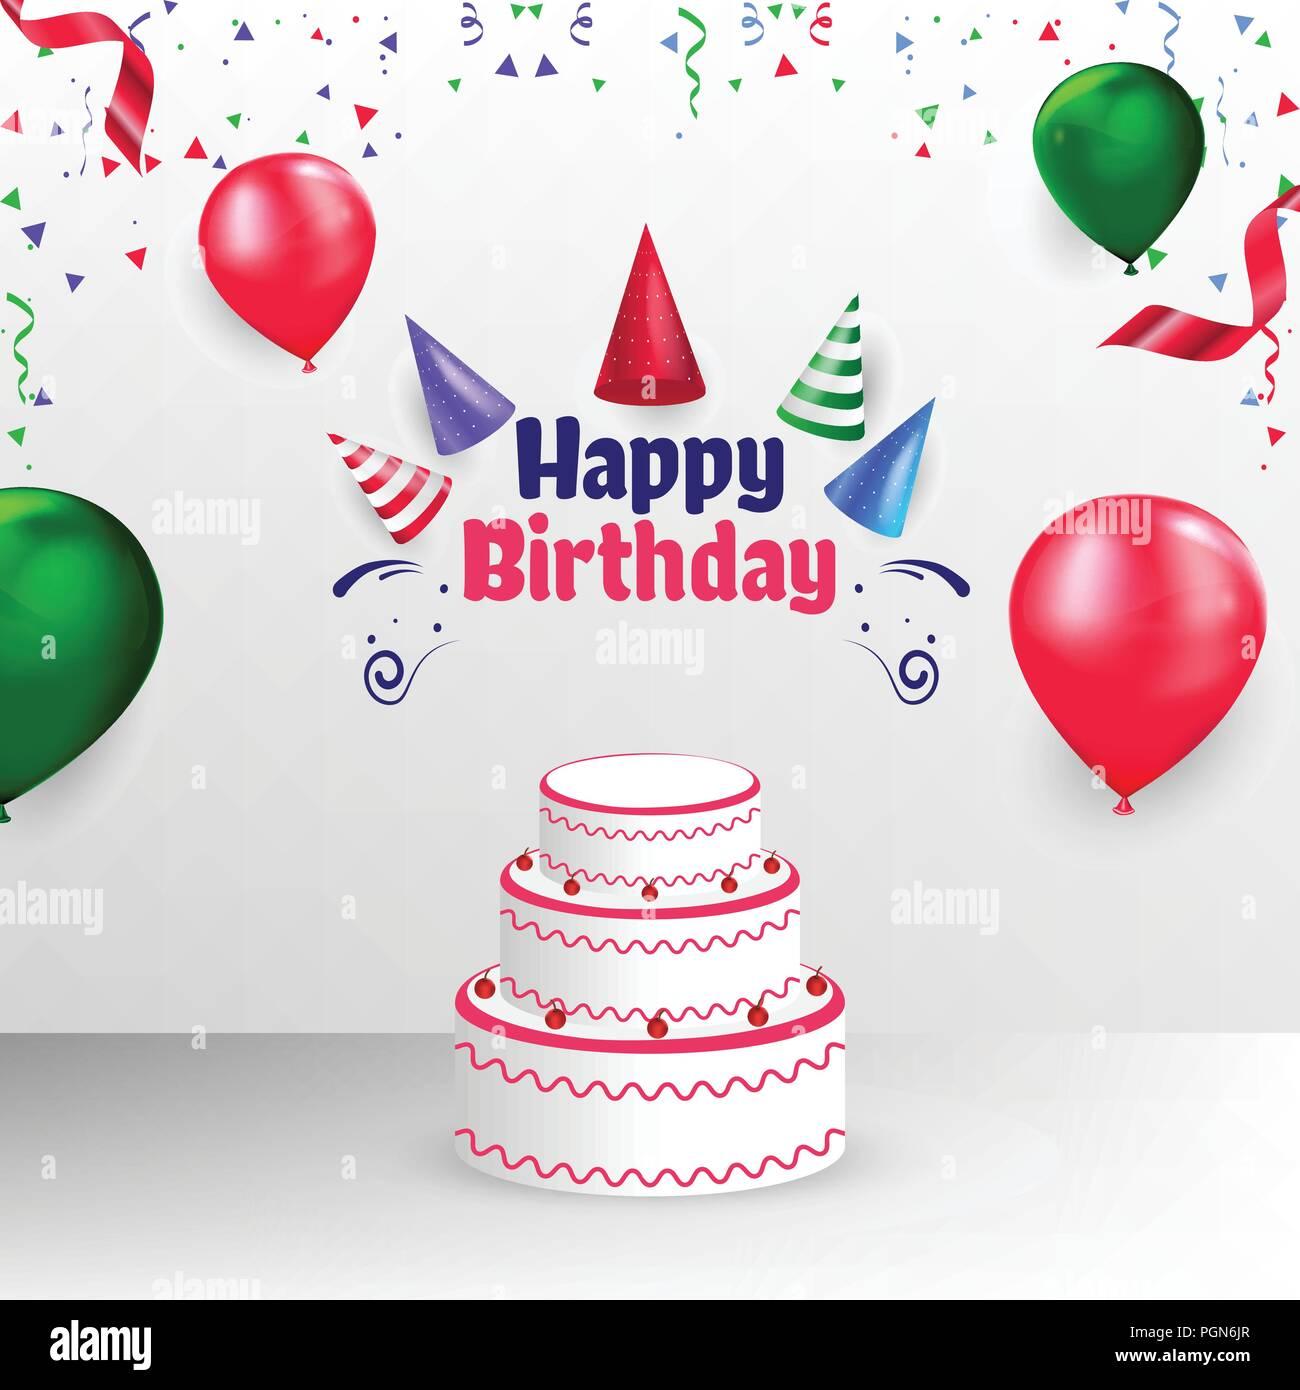 Feliz Cumpleaños Banner Poster Plantilla vectorial Diseño de cubierta Imagen De Stock